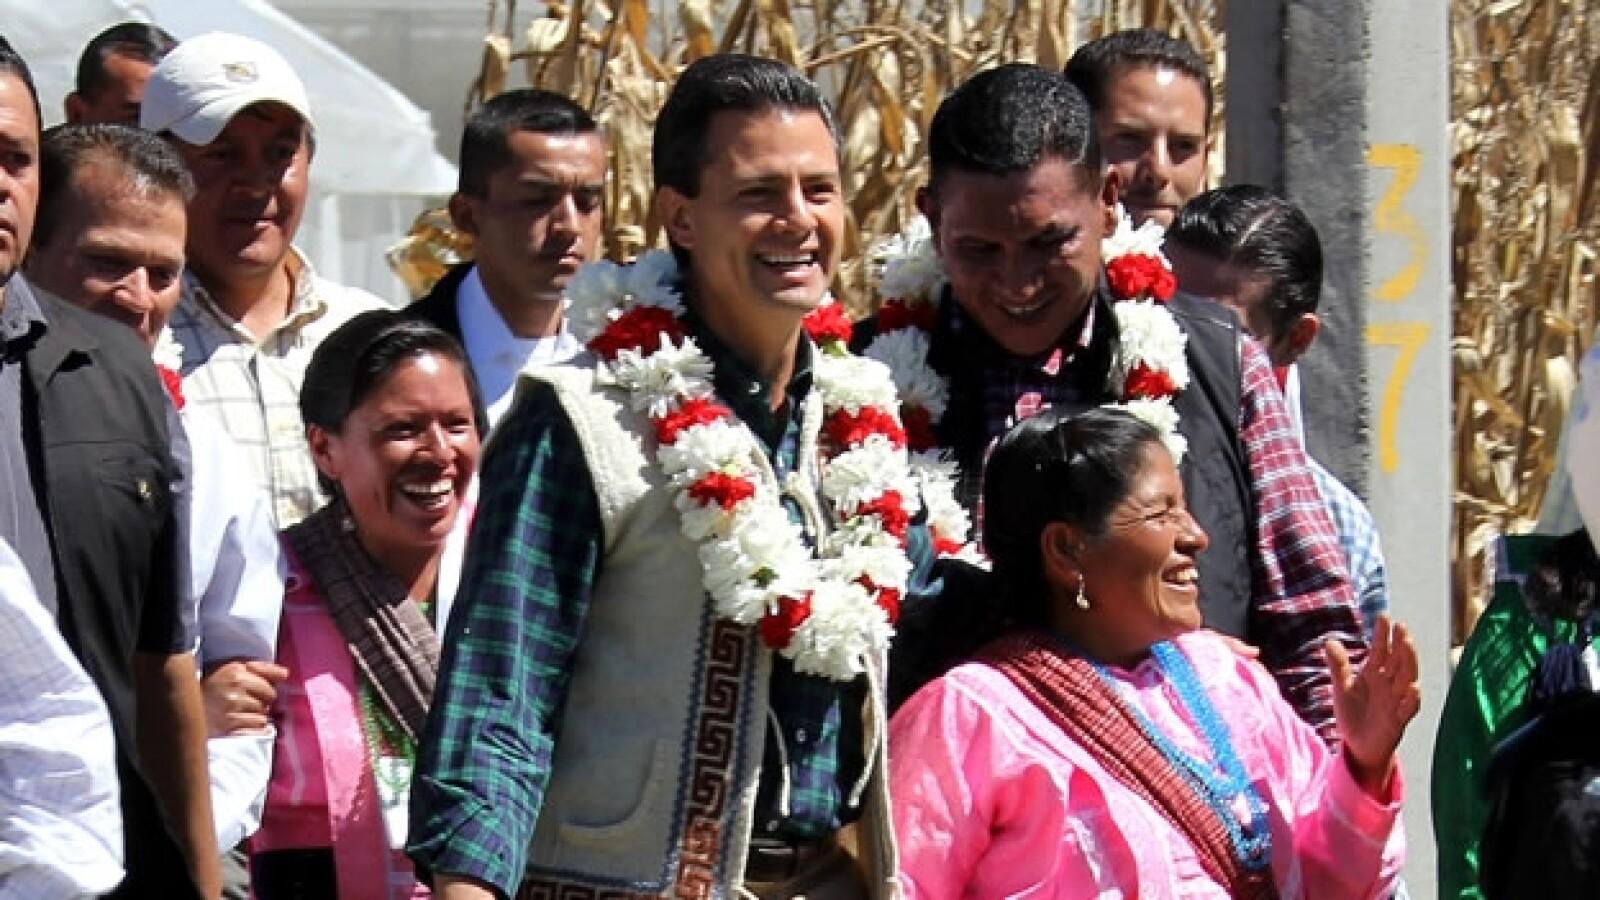 Enrique Peña Nieto indígenas Edomex 4